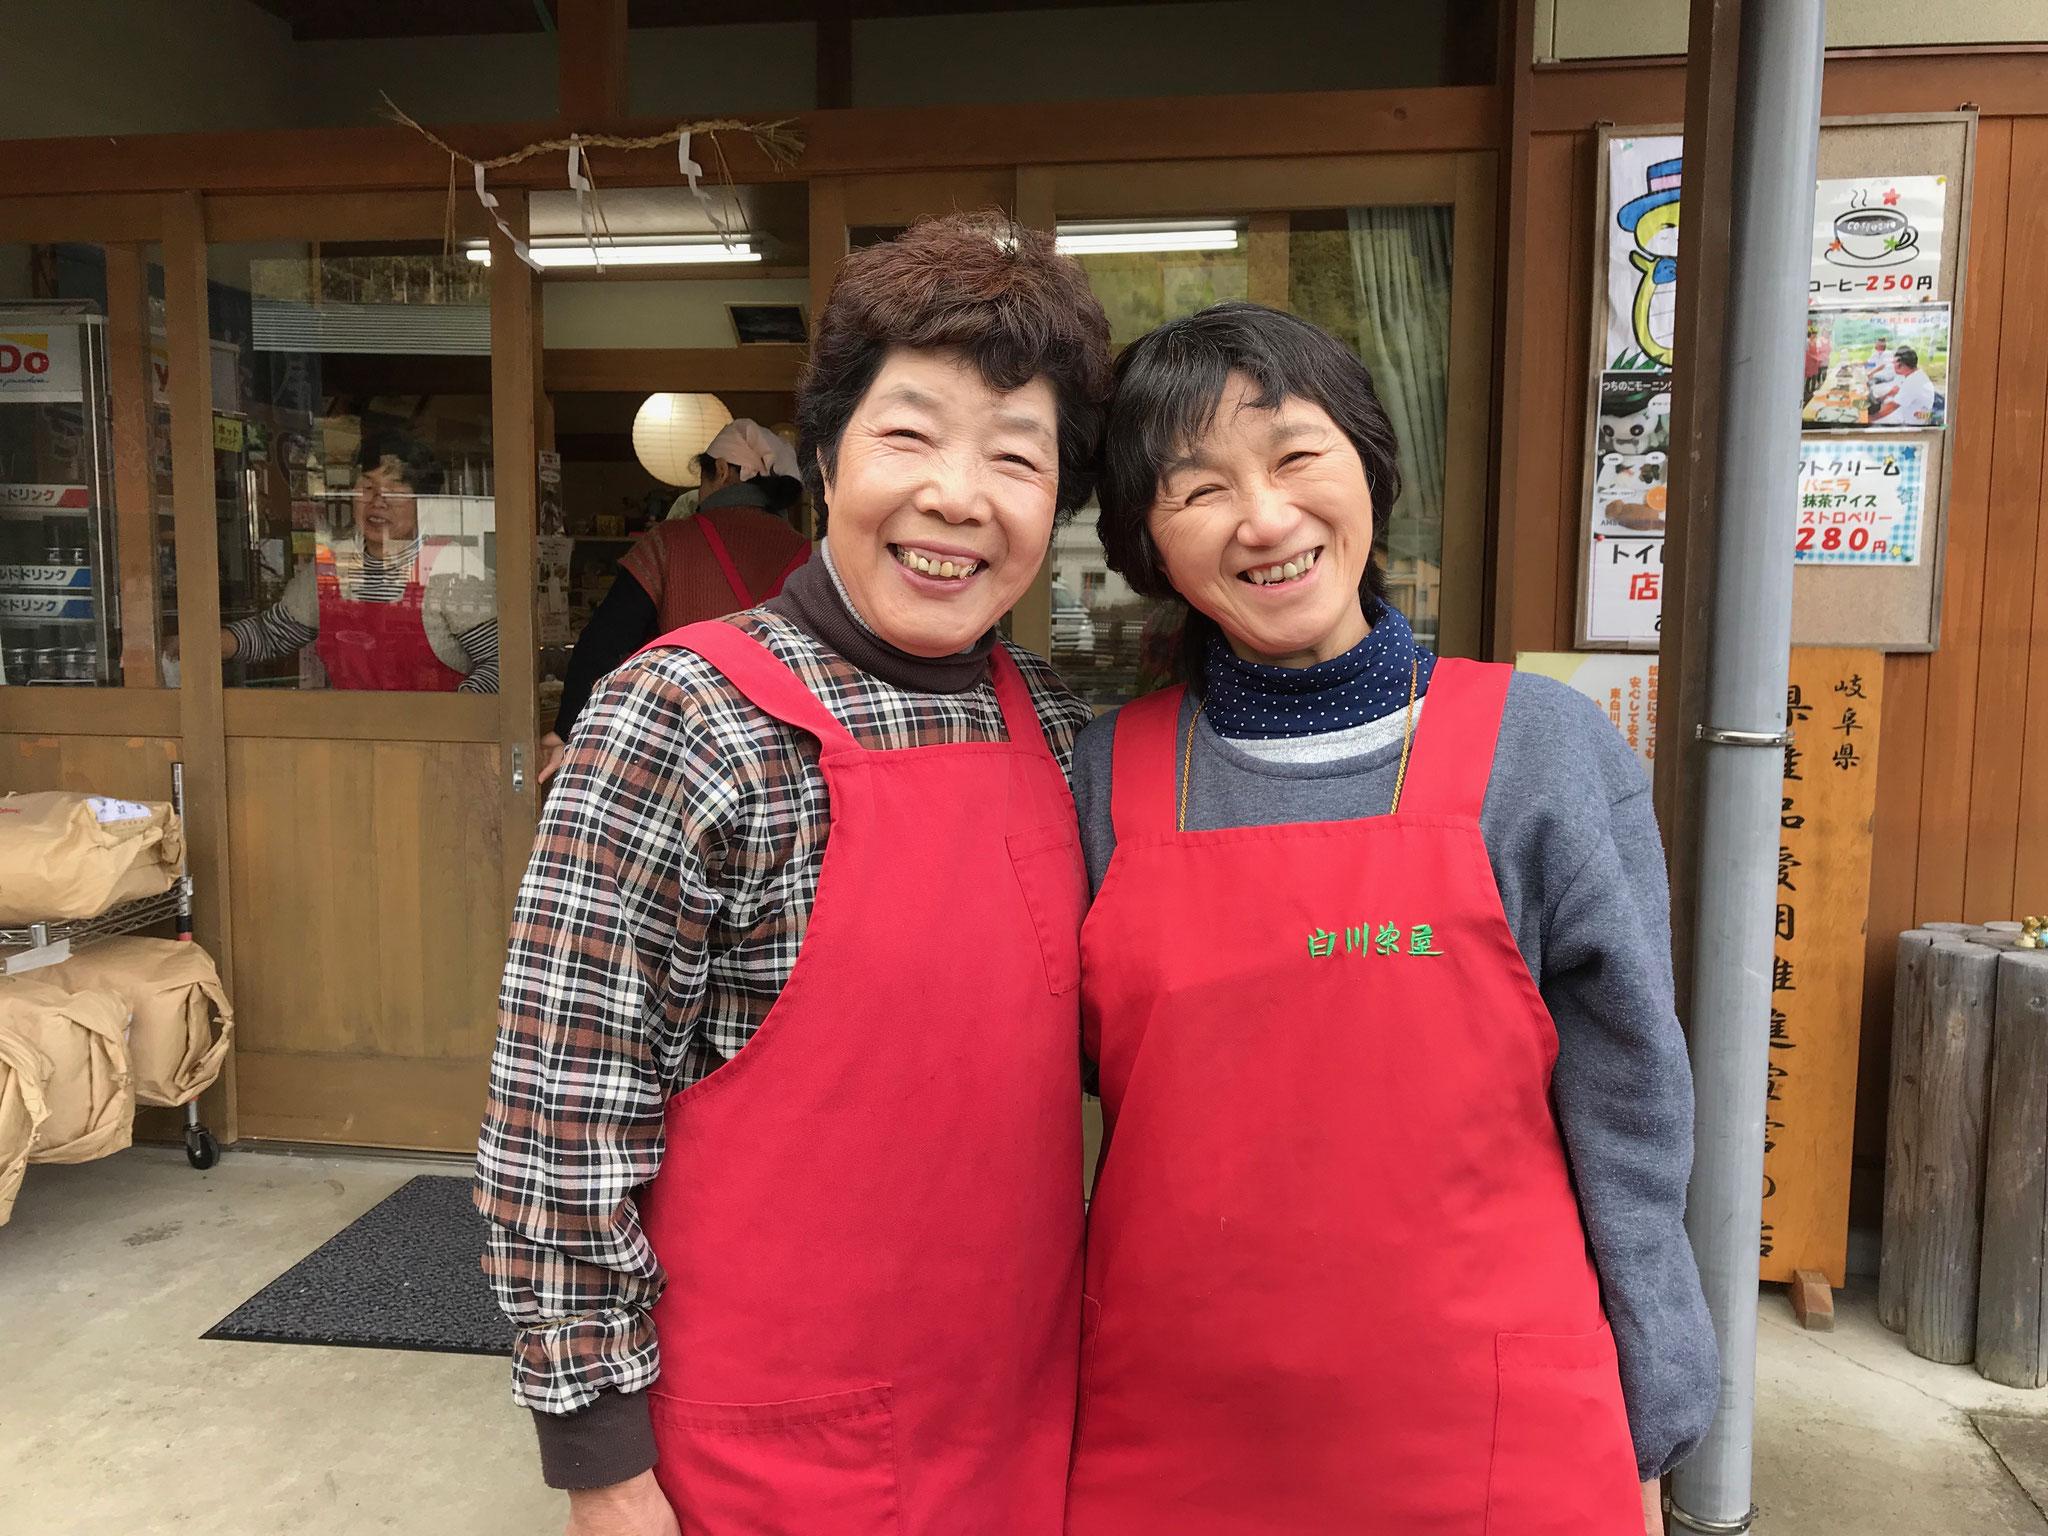 会長恵美子さん(右)と和子さん